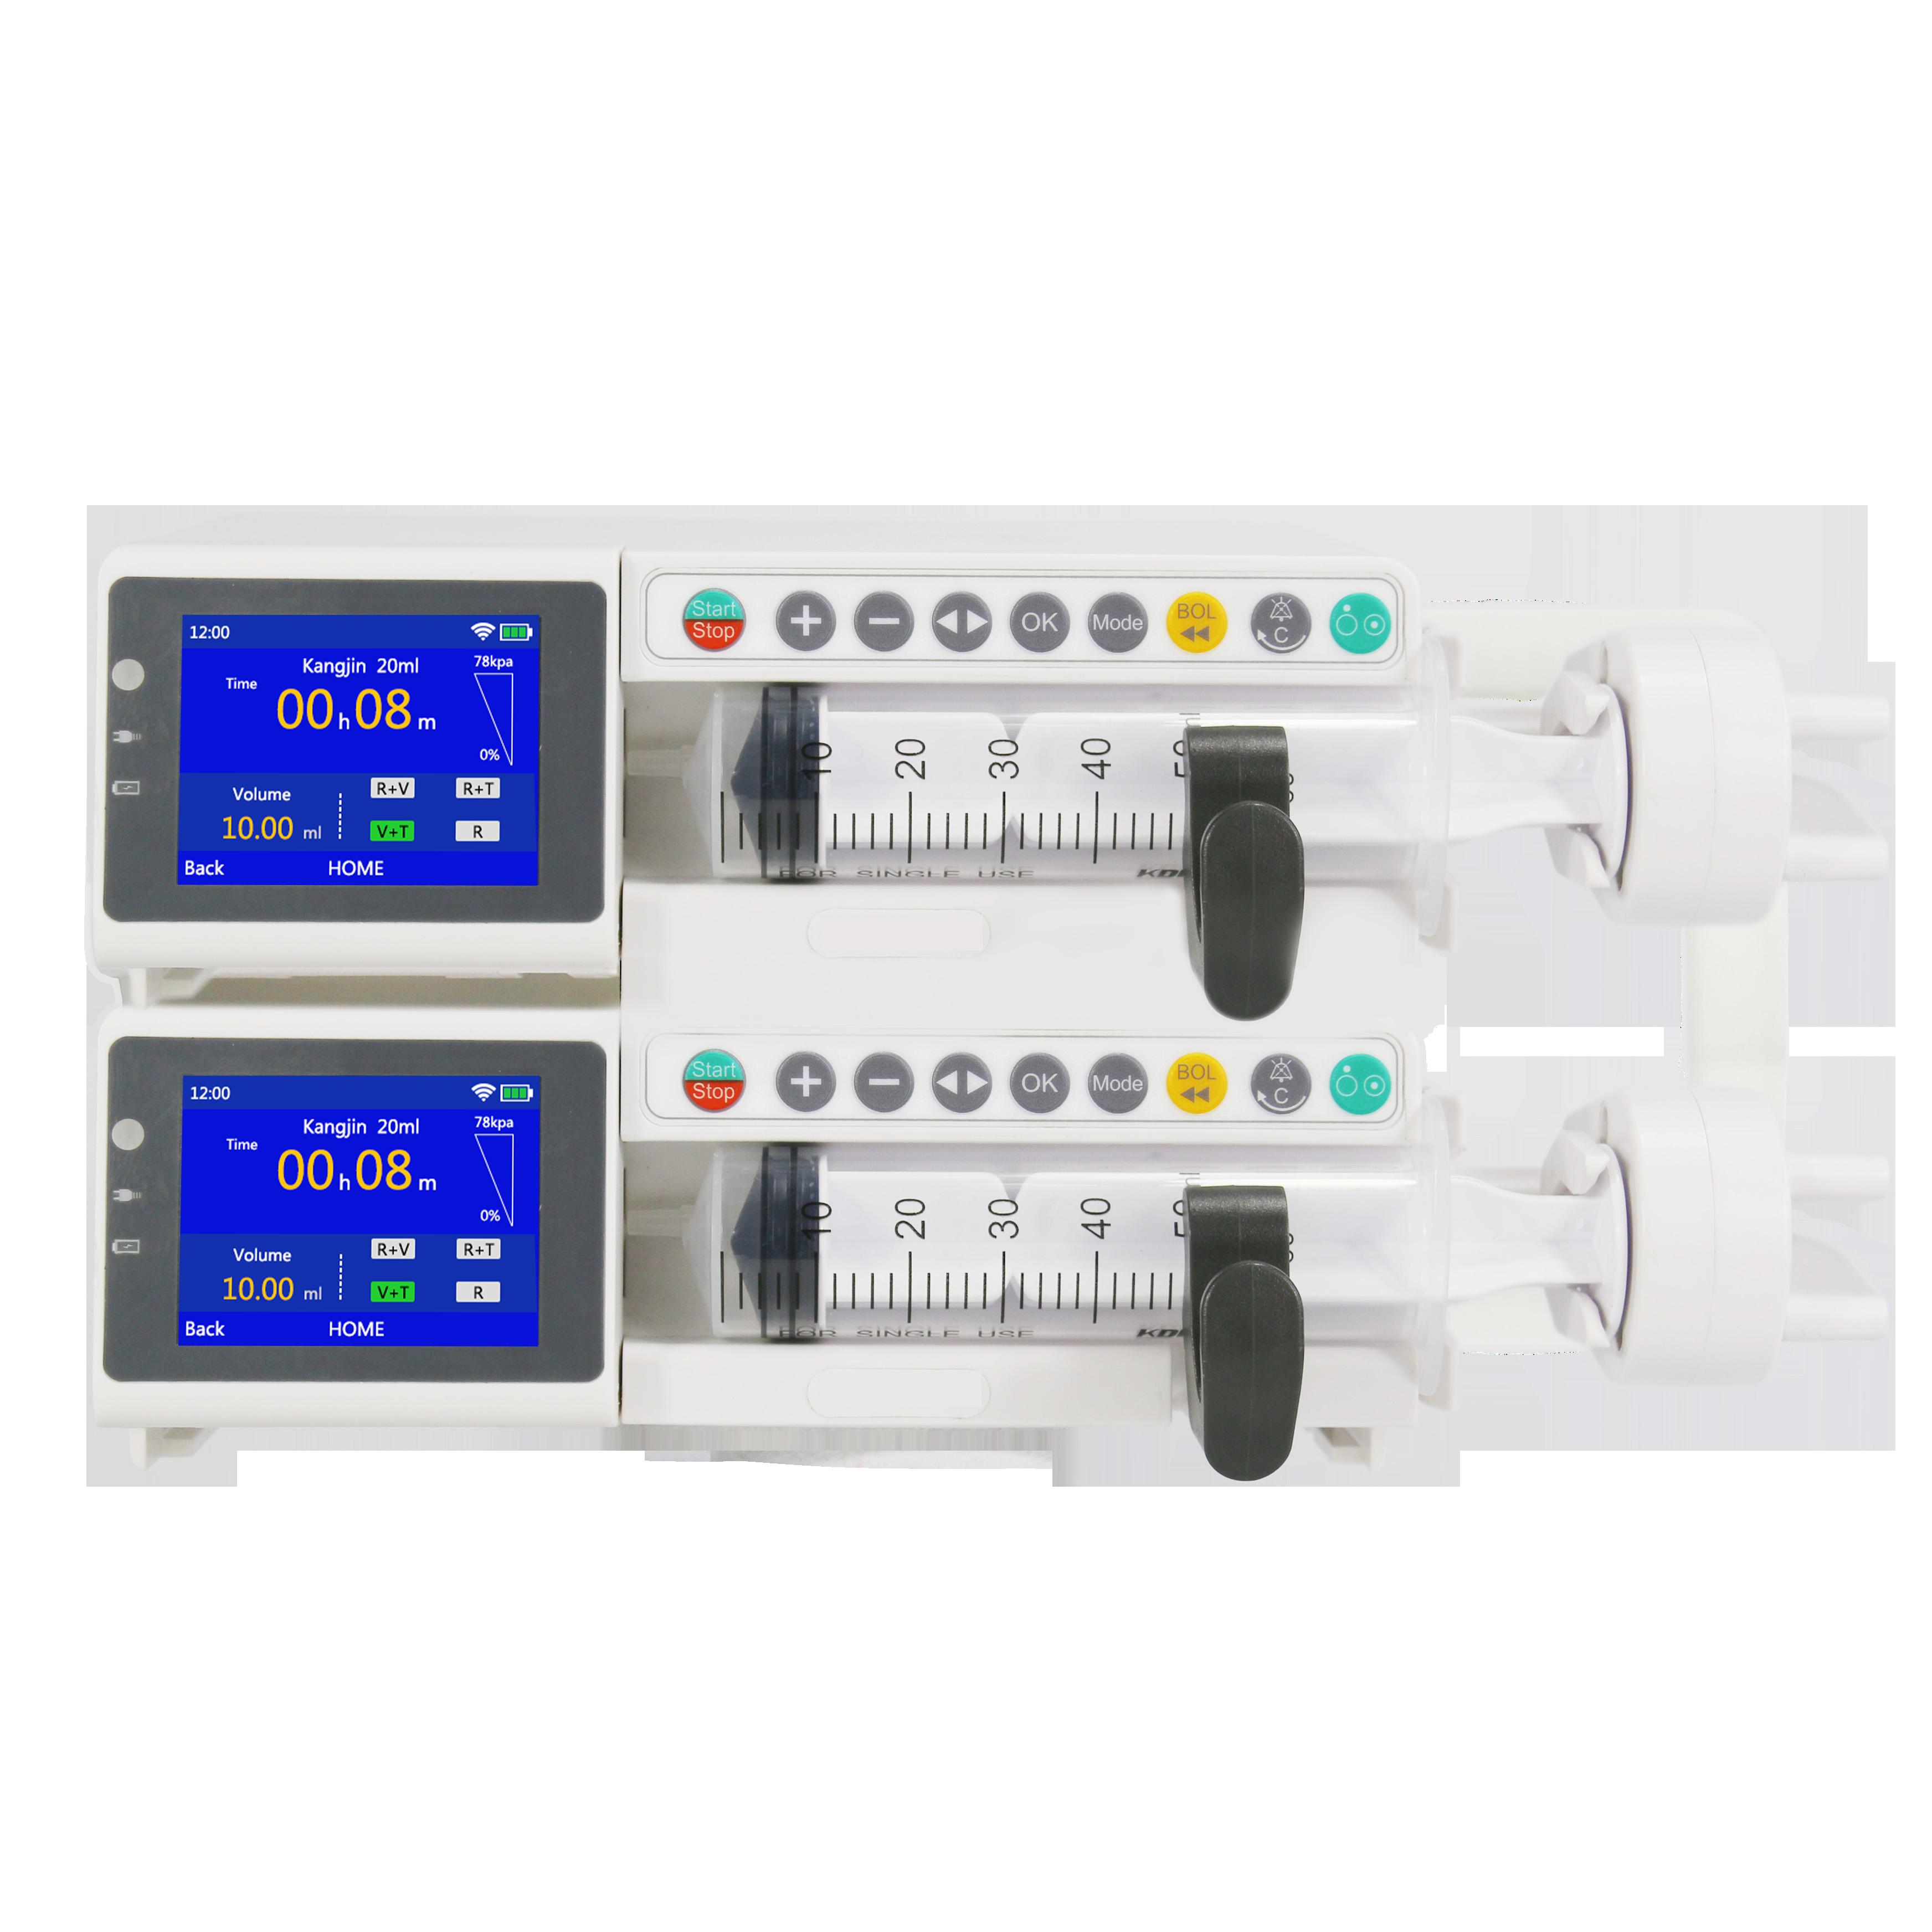 약물 및 터치 스크린 듀얼 채널 ICU 주입 주사기 펌프